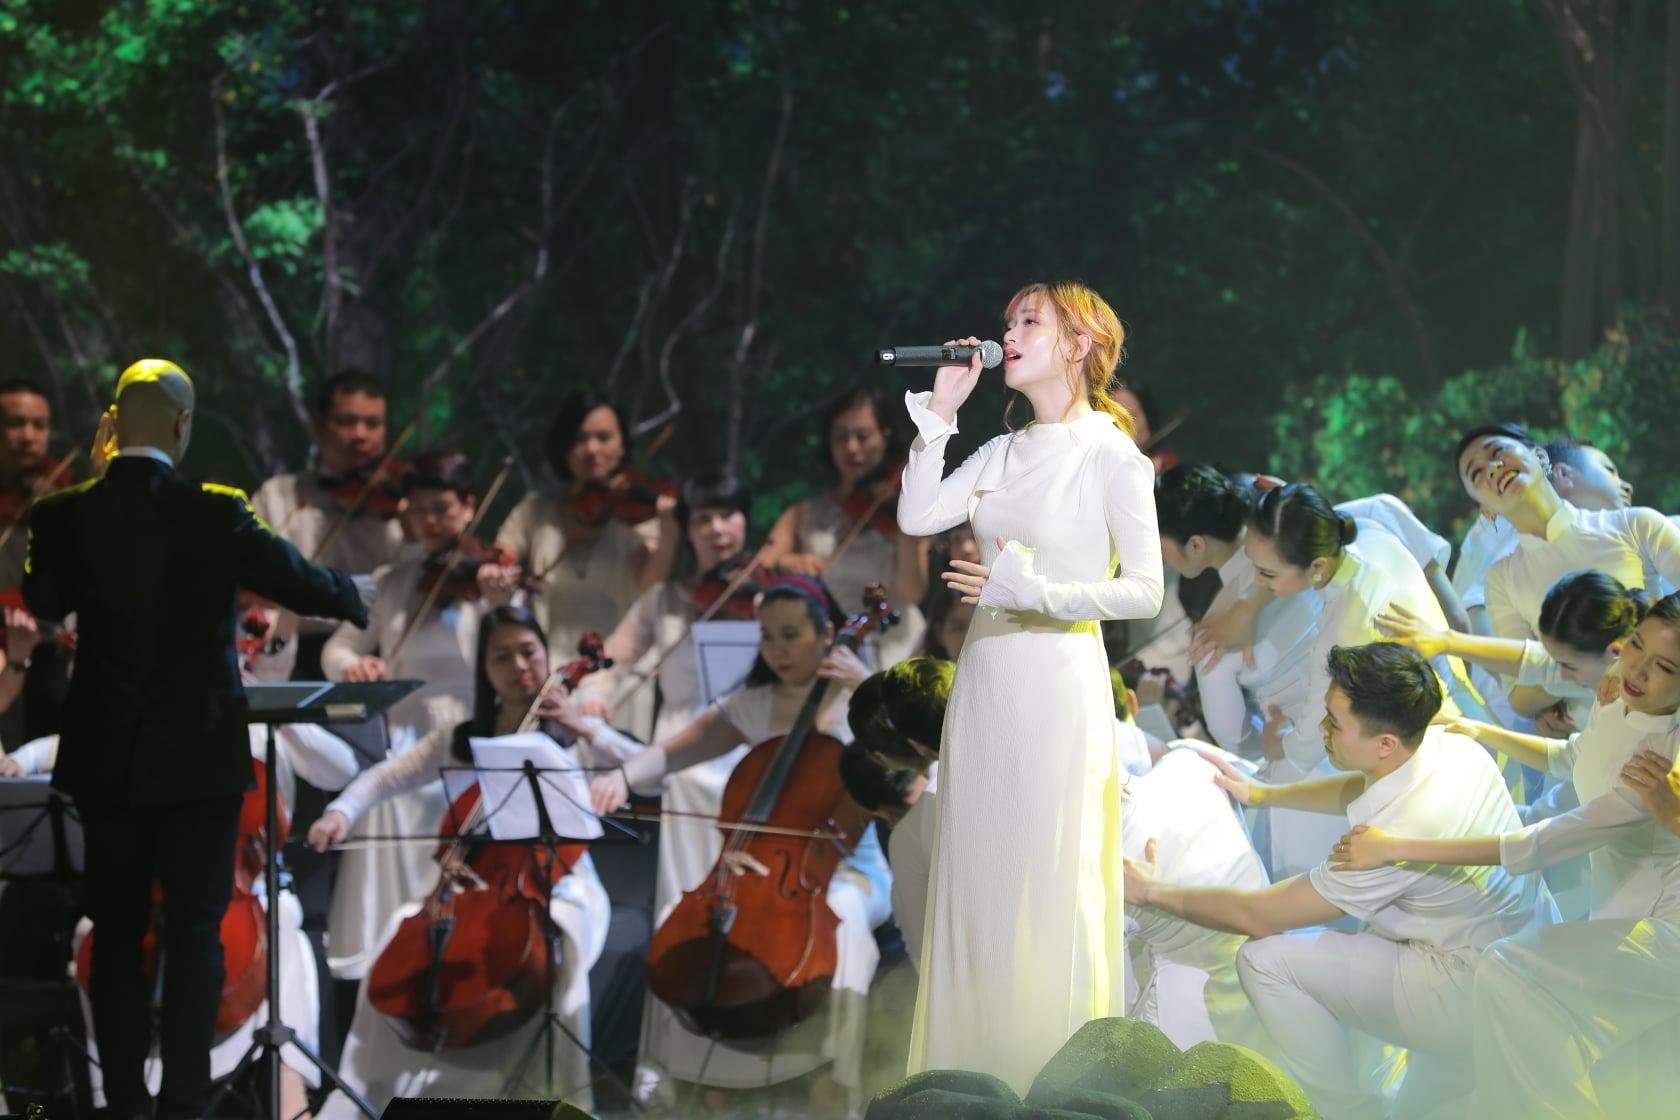 VTV true Concert 2021: Khúc hoan ca vĩnh cửu của Nước và Mẹ Thiên nhiên